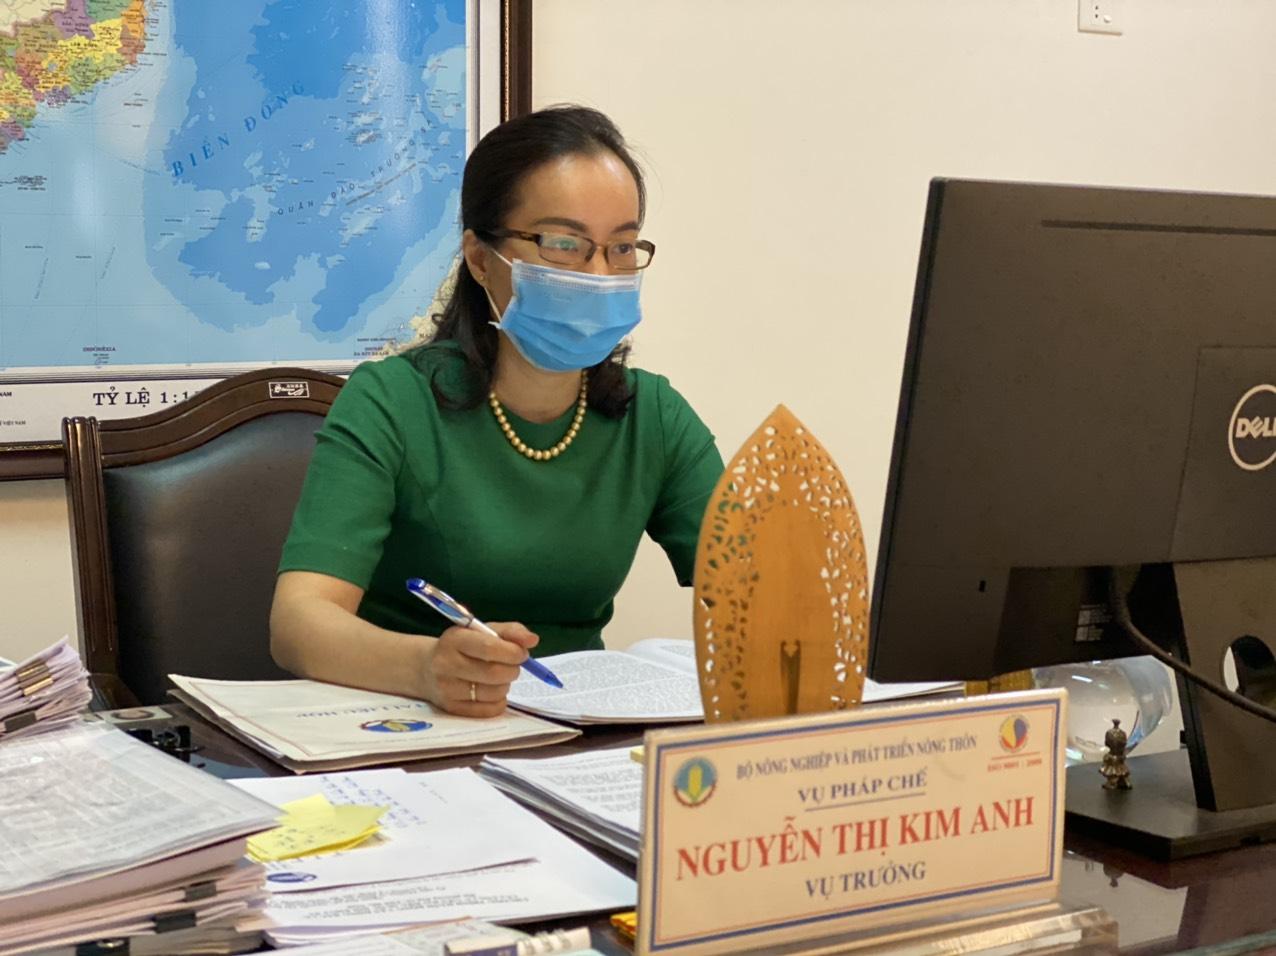 Muốn xây dựng Bắc Ninh thành trung tâm nông nghiệp công nghệ cao  - Ảnh 3.